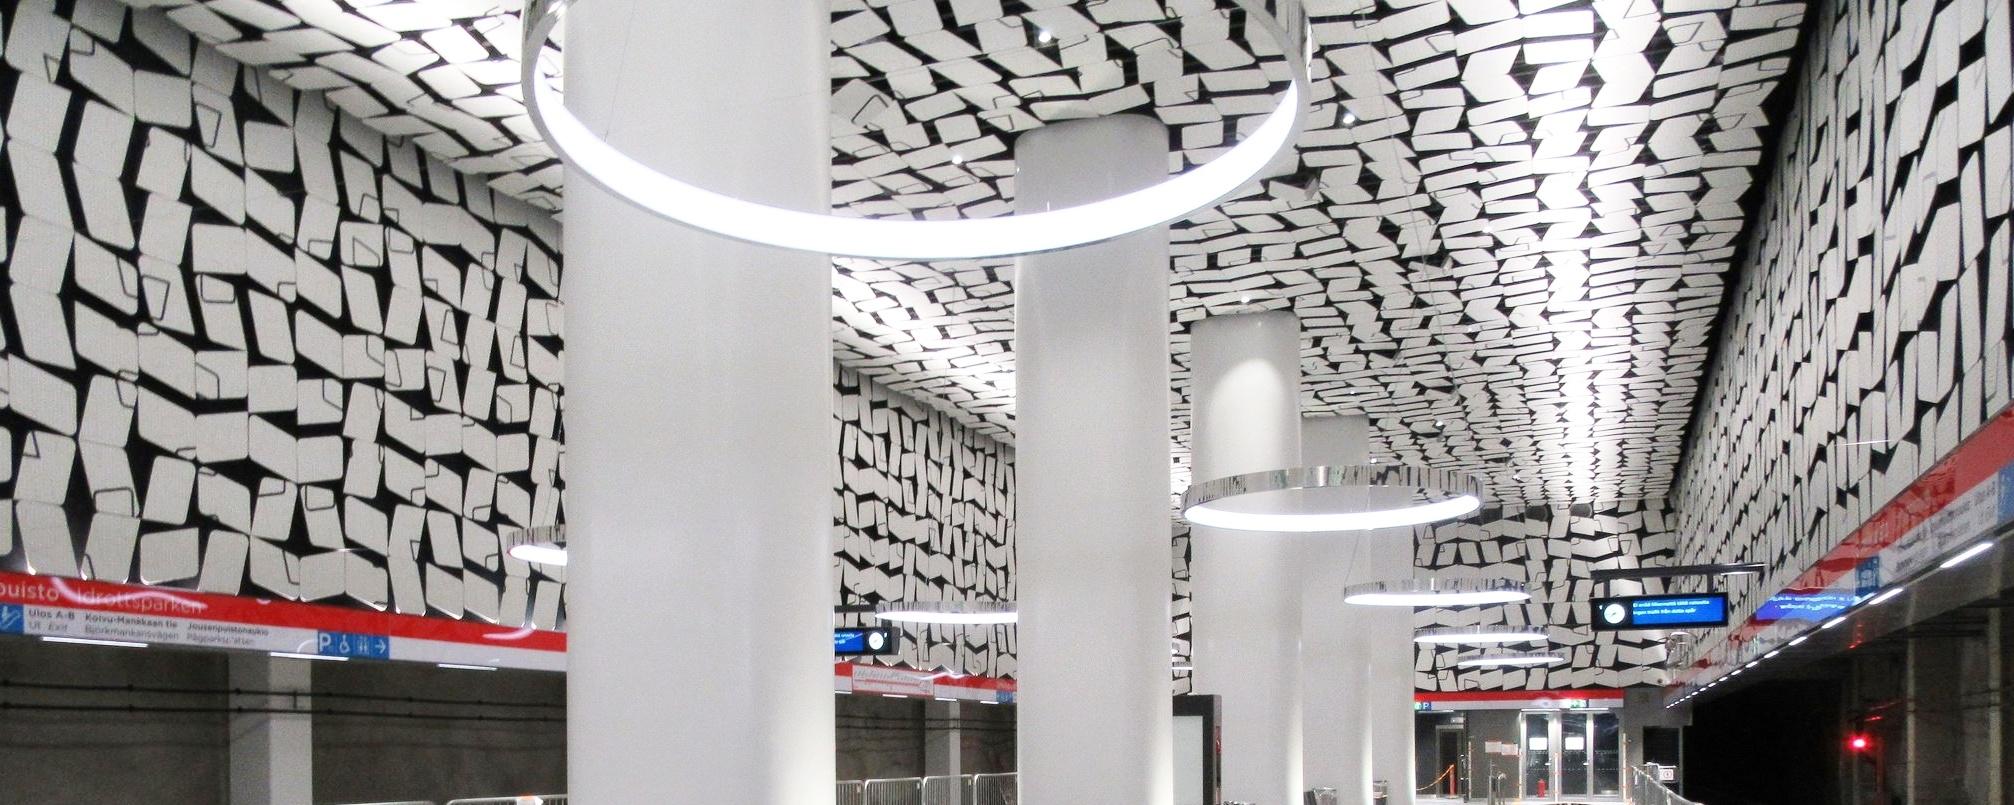 Muotoon leikattuja ja digitaalisella printatulla kuvalla päällystetyt sisäverhouslevyt metroasemalla.